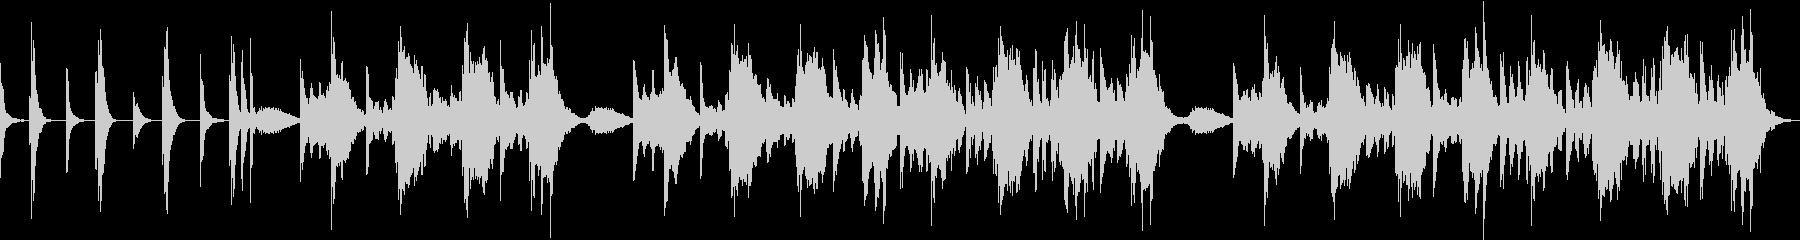 ハープの軽快なメロディで不眠解消の未再生の波形